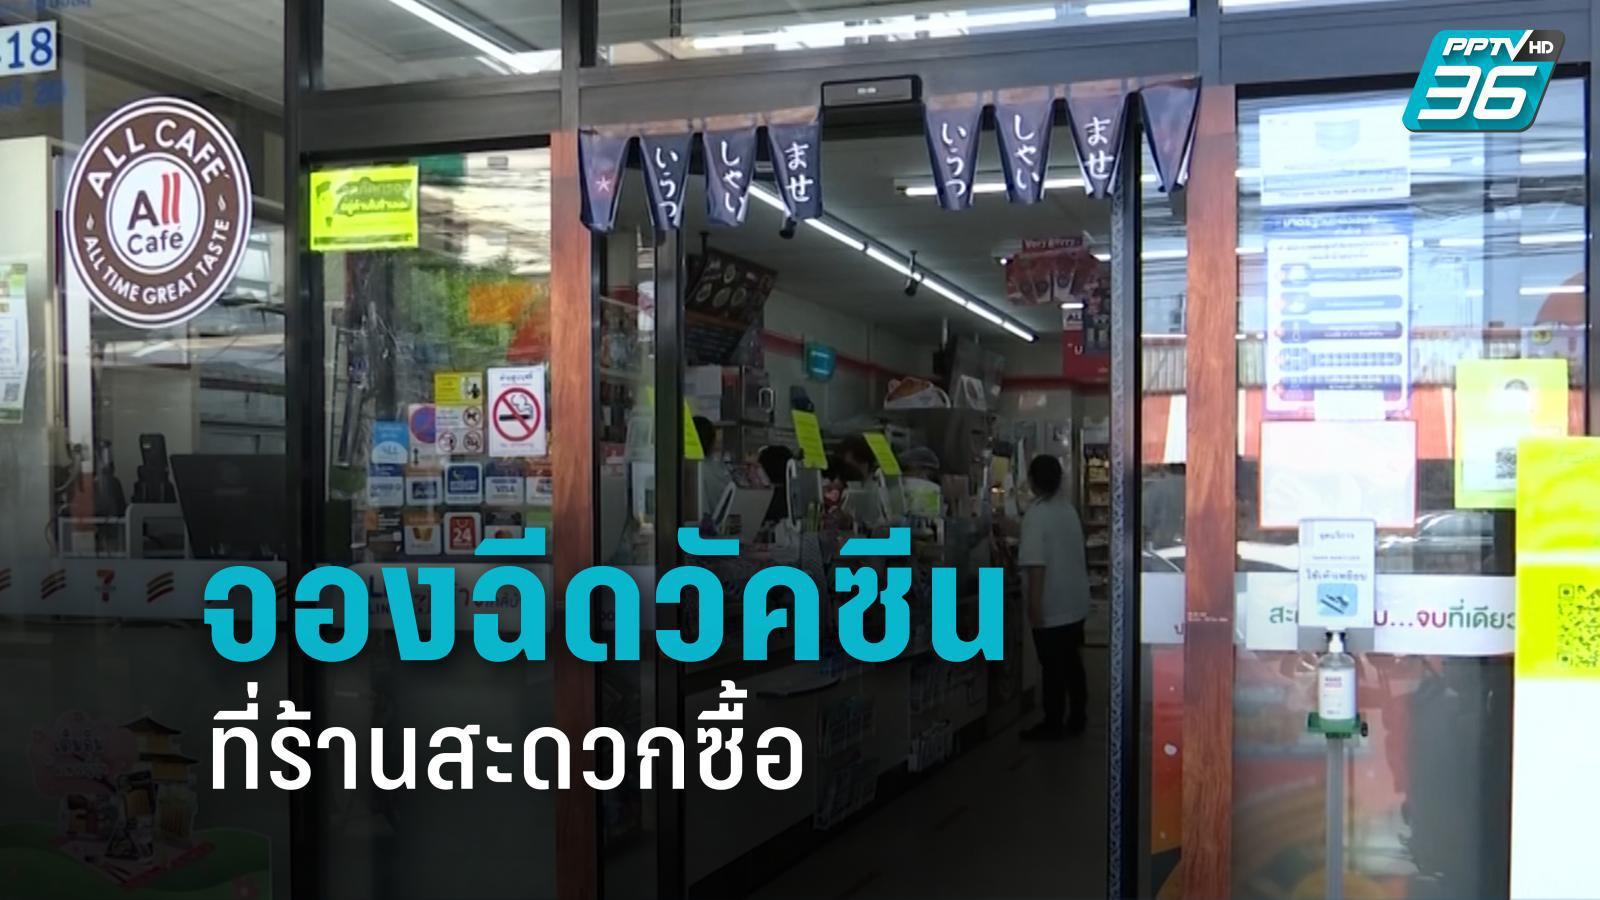 จองฉีดวัคซีนโควิด-19 ที่ร้านสะดวกซื้อทั่วกทม.